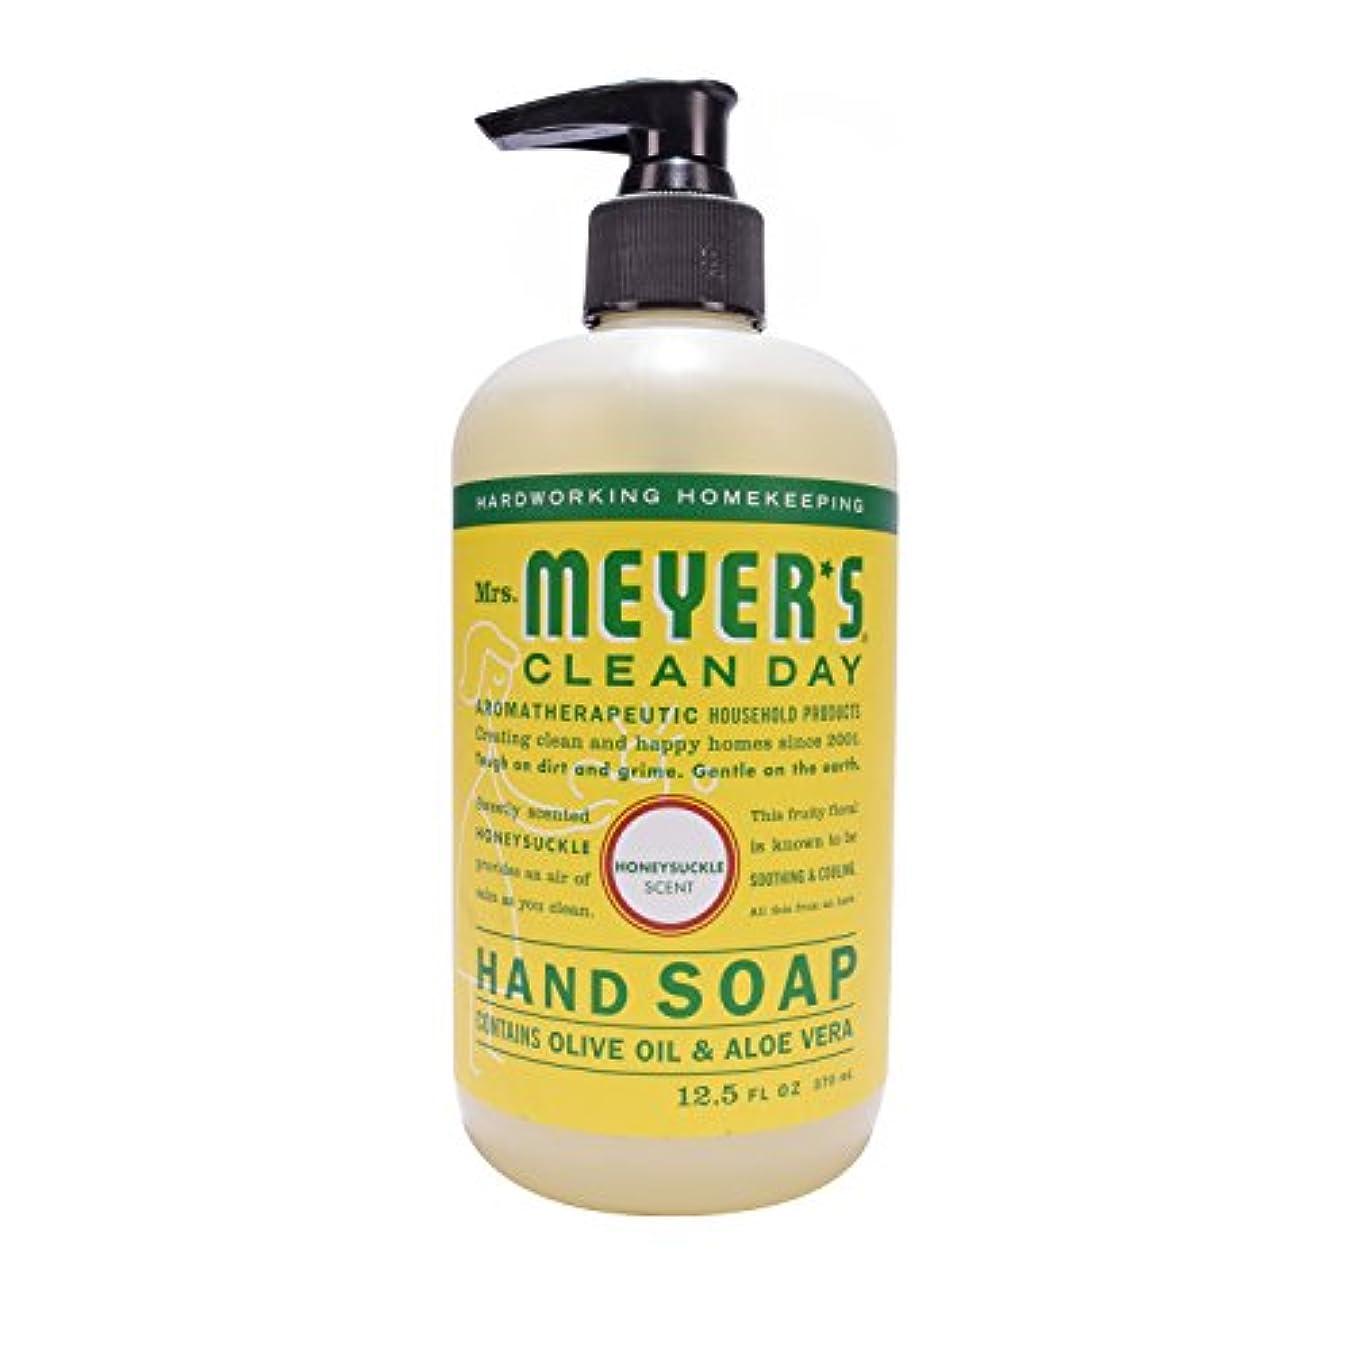 ゾーンびっくりした放送Mrs. Meyer's Clean Day Hand Soap Liquid, Honeysuckle, 12.5-Fluid Ounce Bottles by Mrs. Meyer's Clean Day